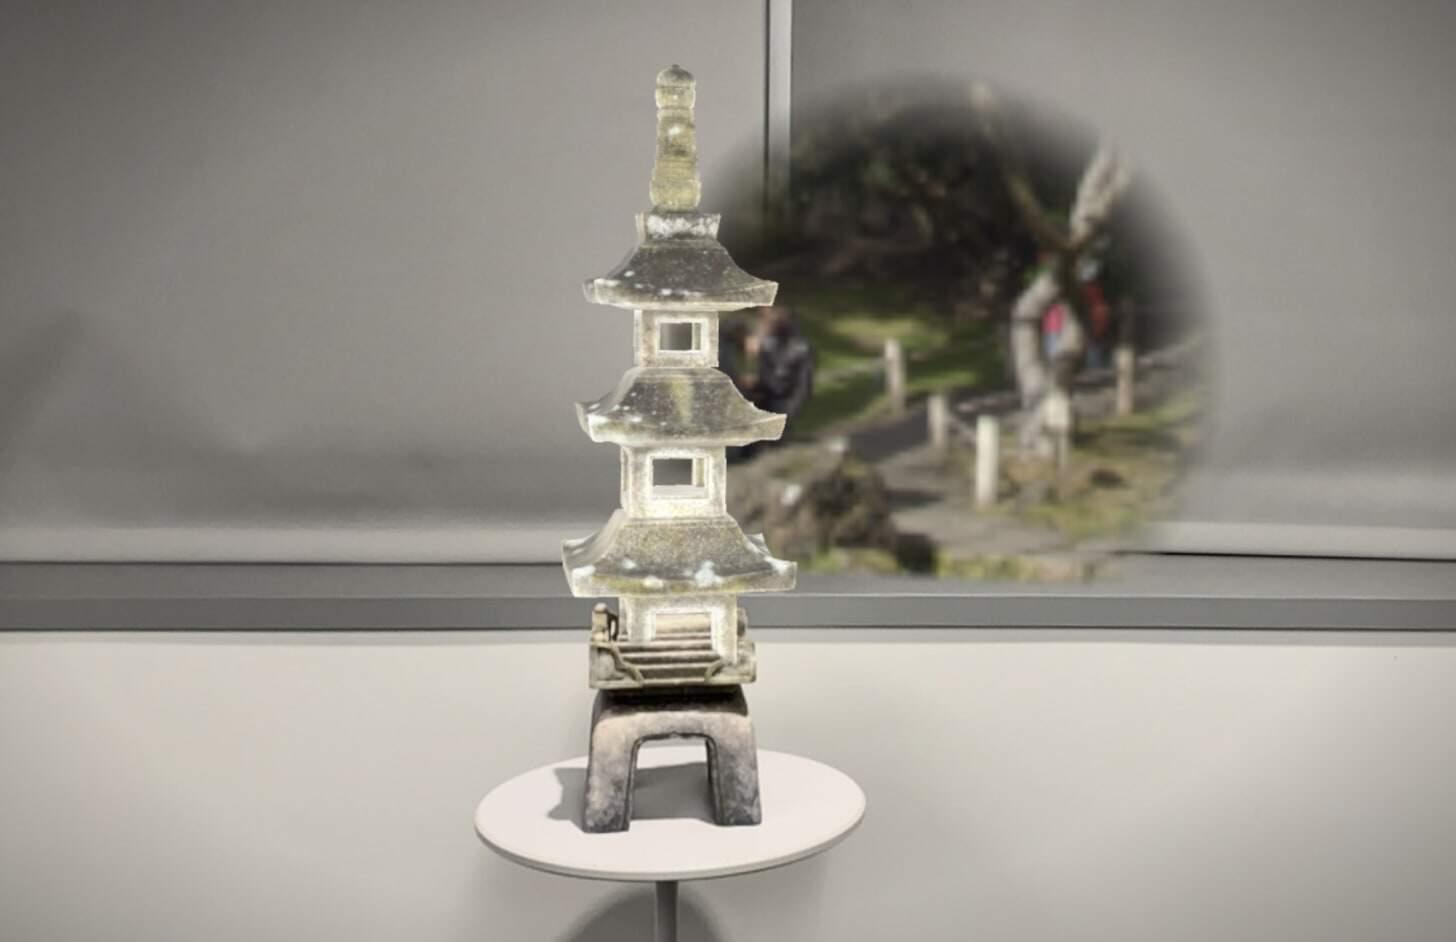 Artırılmış Gerçeklik Gobi ile Dekorasyonda Kullanılabilir